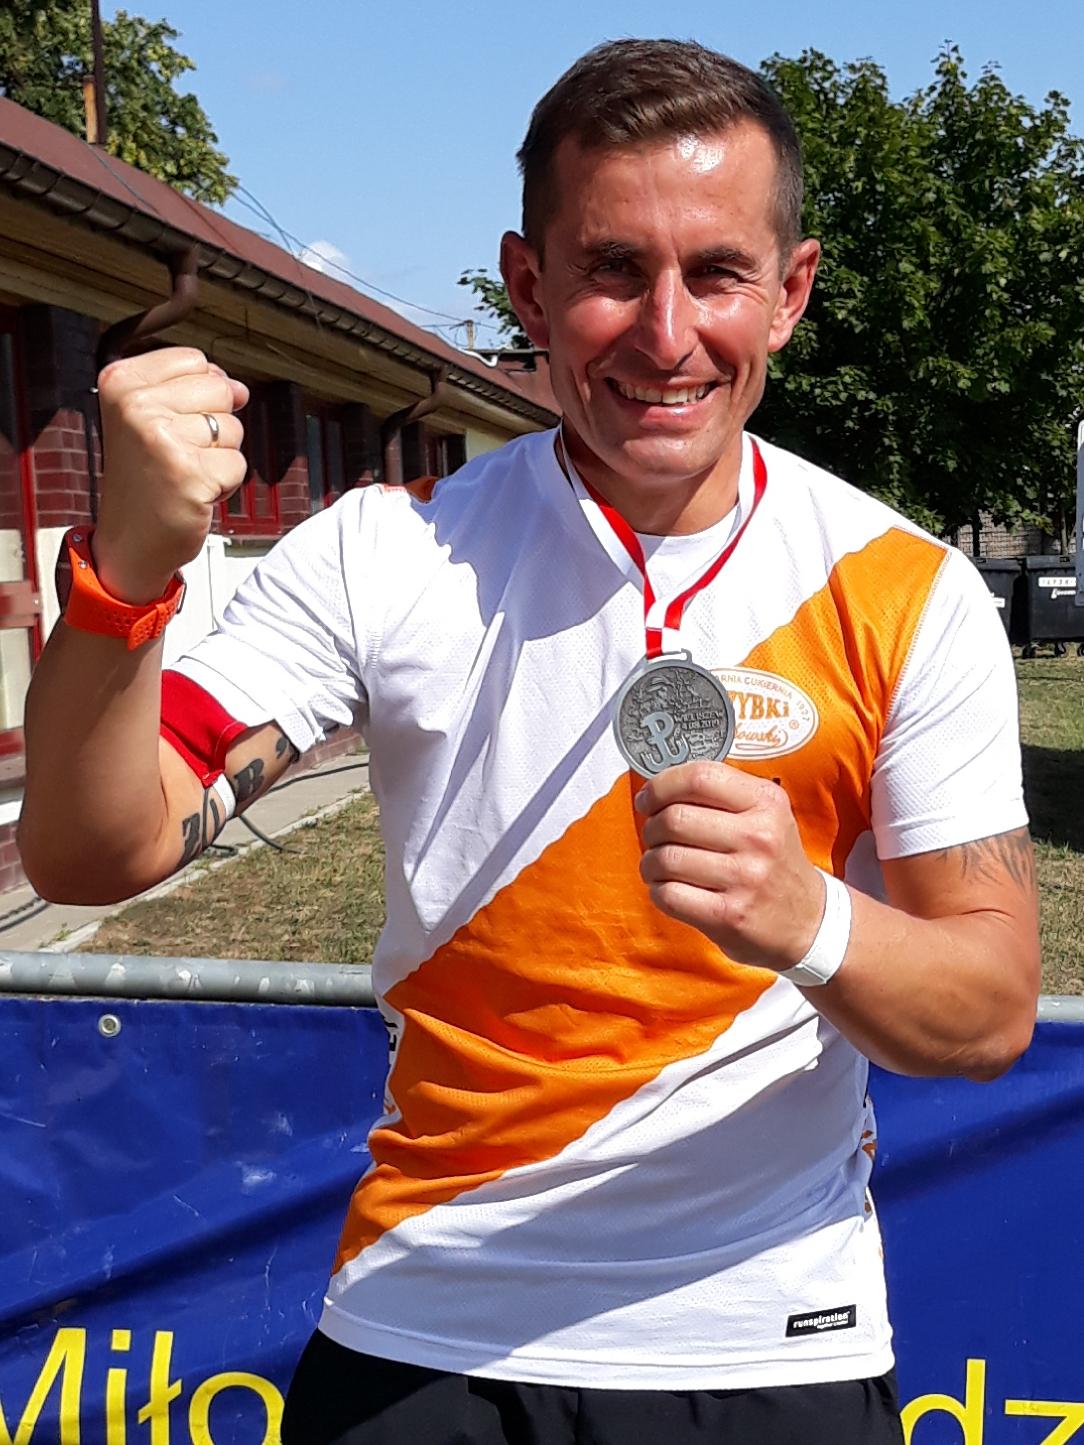 Marcin z kolejnym medalem!   5. Ultramaraton Powstańca - Wieliszew 4 sierpnia 2019 r.